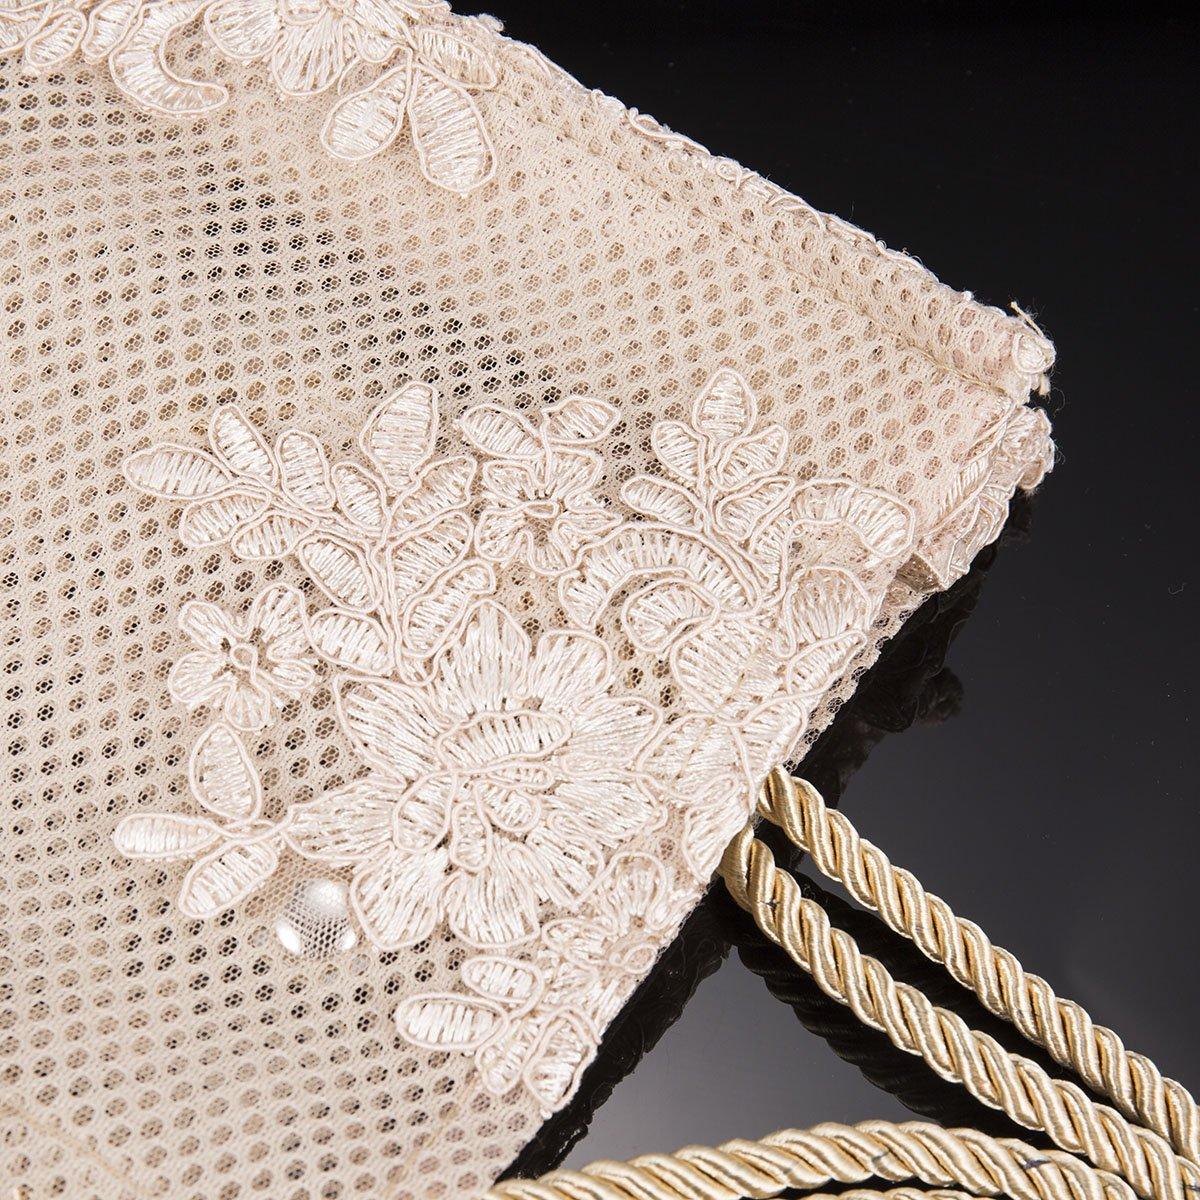 Bolso - Bolsos de hombro de encaje bordado de Champagne para mujeres Bolsos de hombre ligero elegante de ManChDa - Tallas pequeñas: Amazon.es: Equipaje